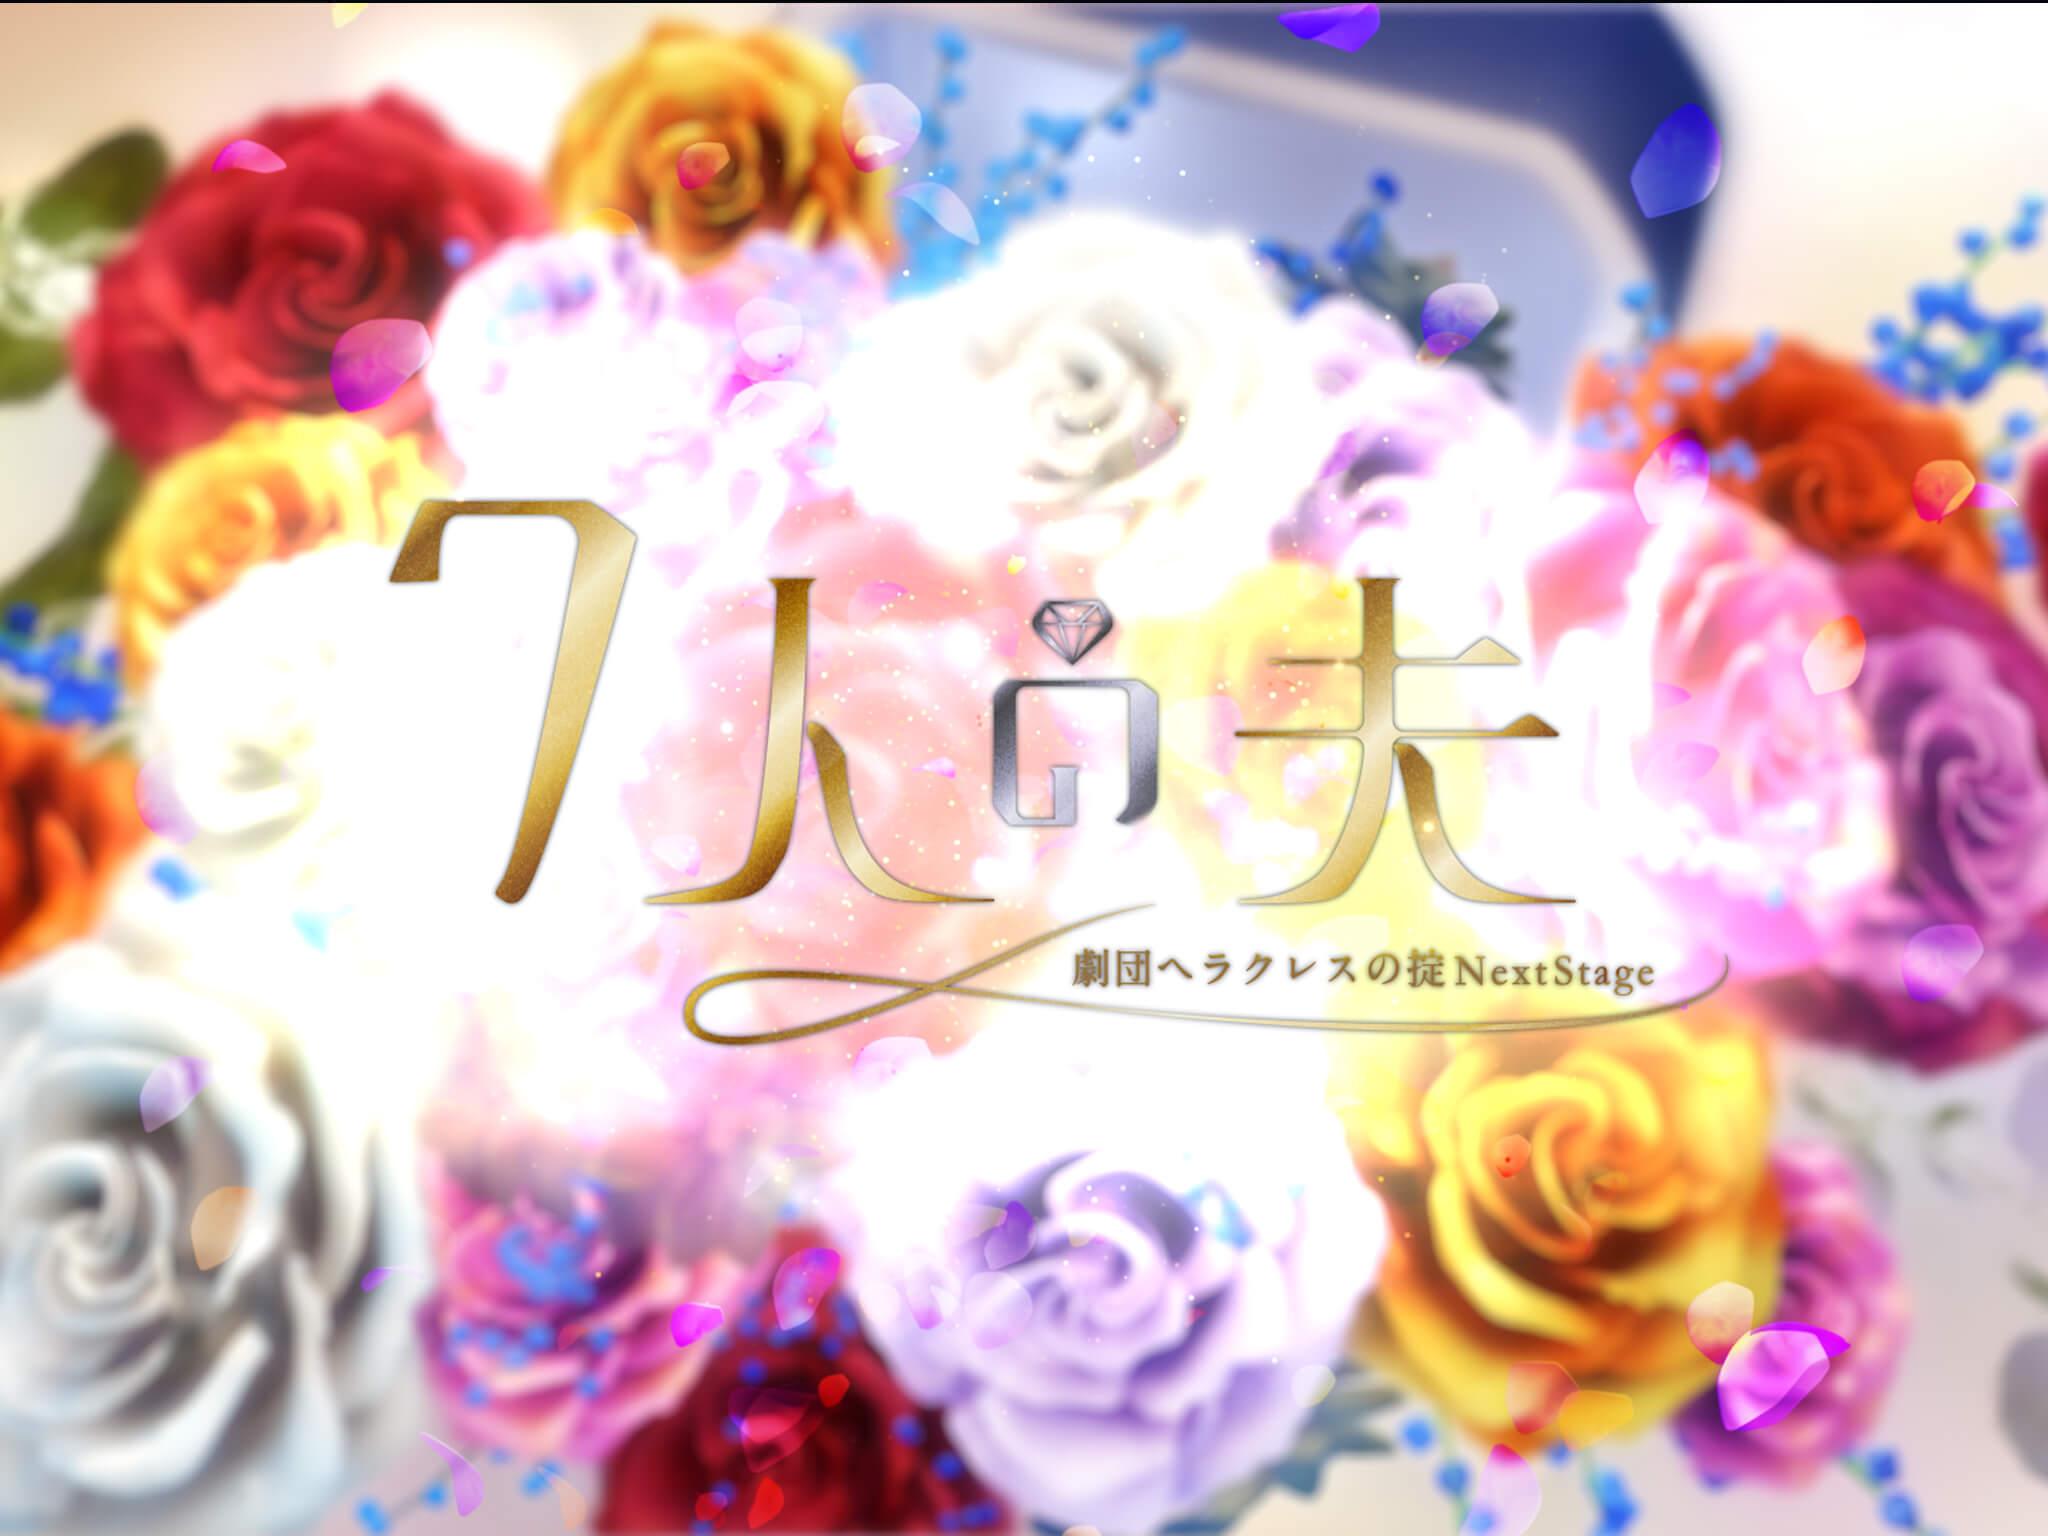 東海テレビ ドラマ「7人の夫―劇団ヘラクレスの掟NextStage―」 のタイトルロゴアニメーションを演出・制作